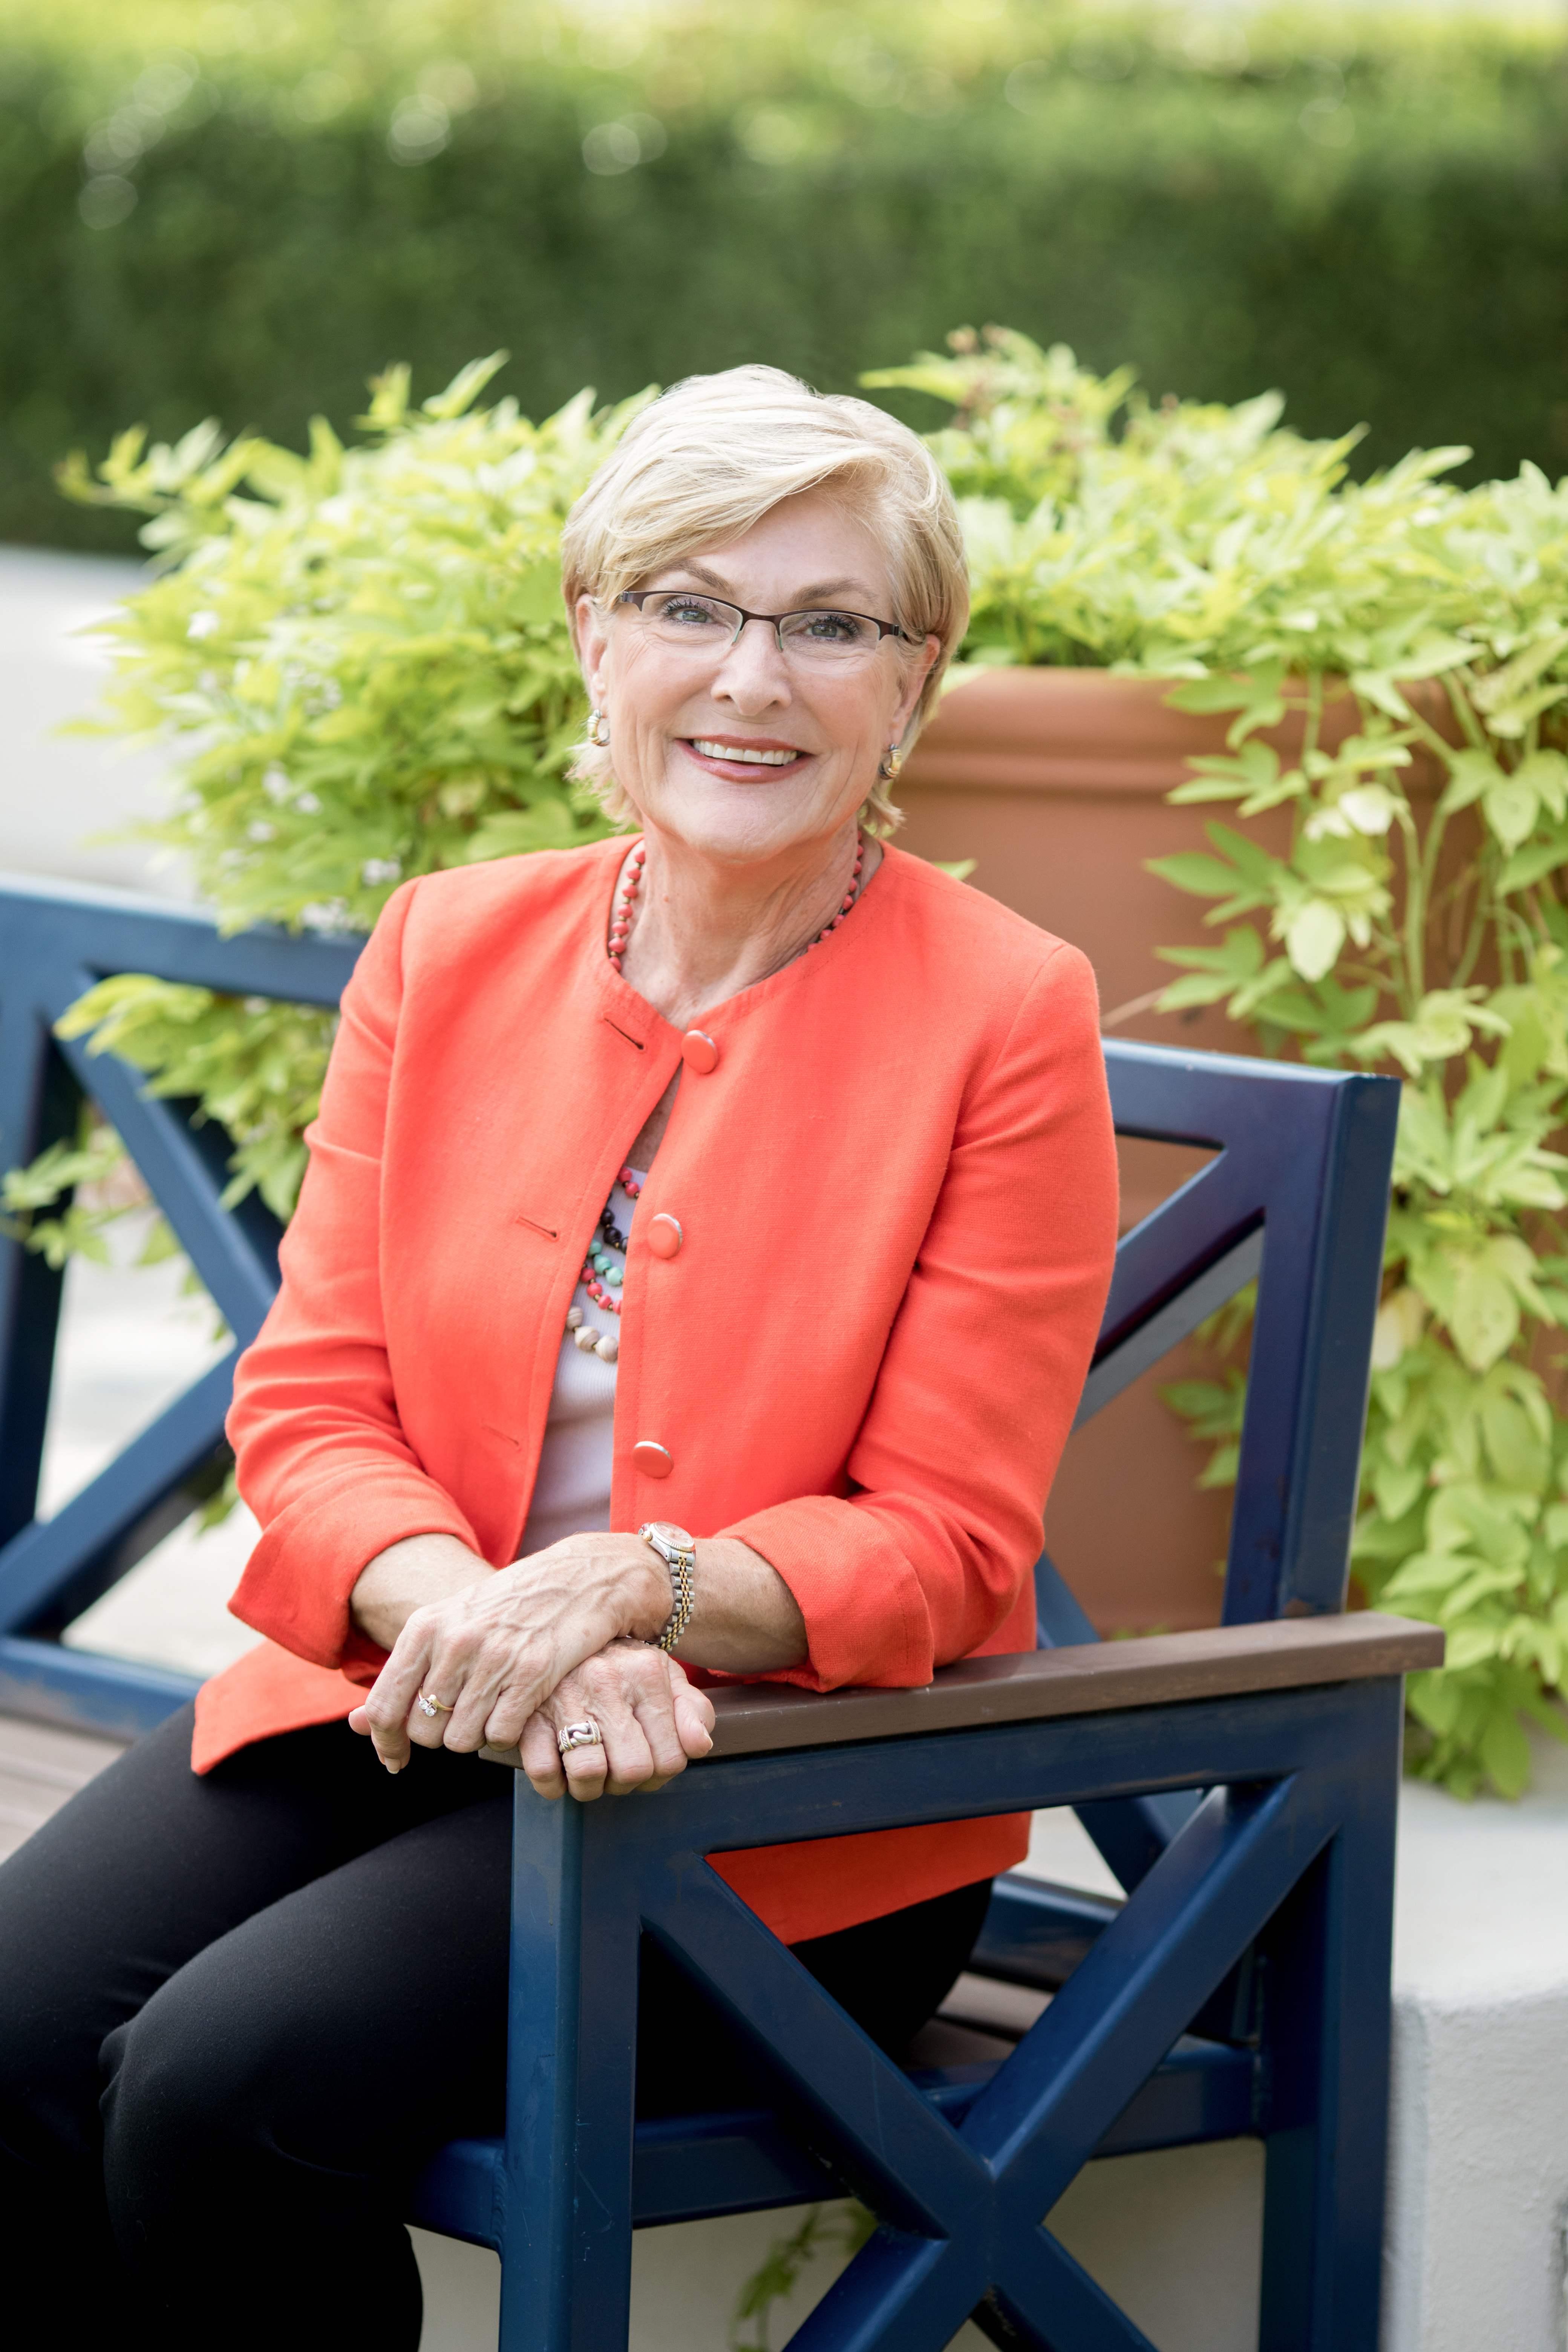 Janice Rosser Allen